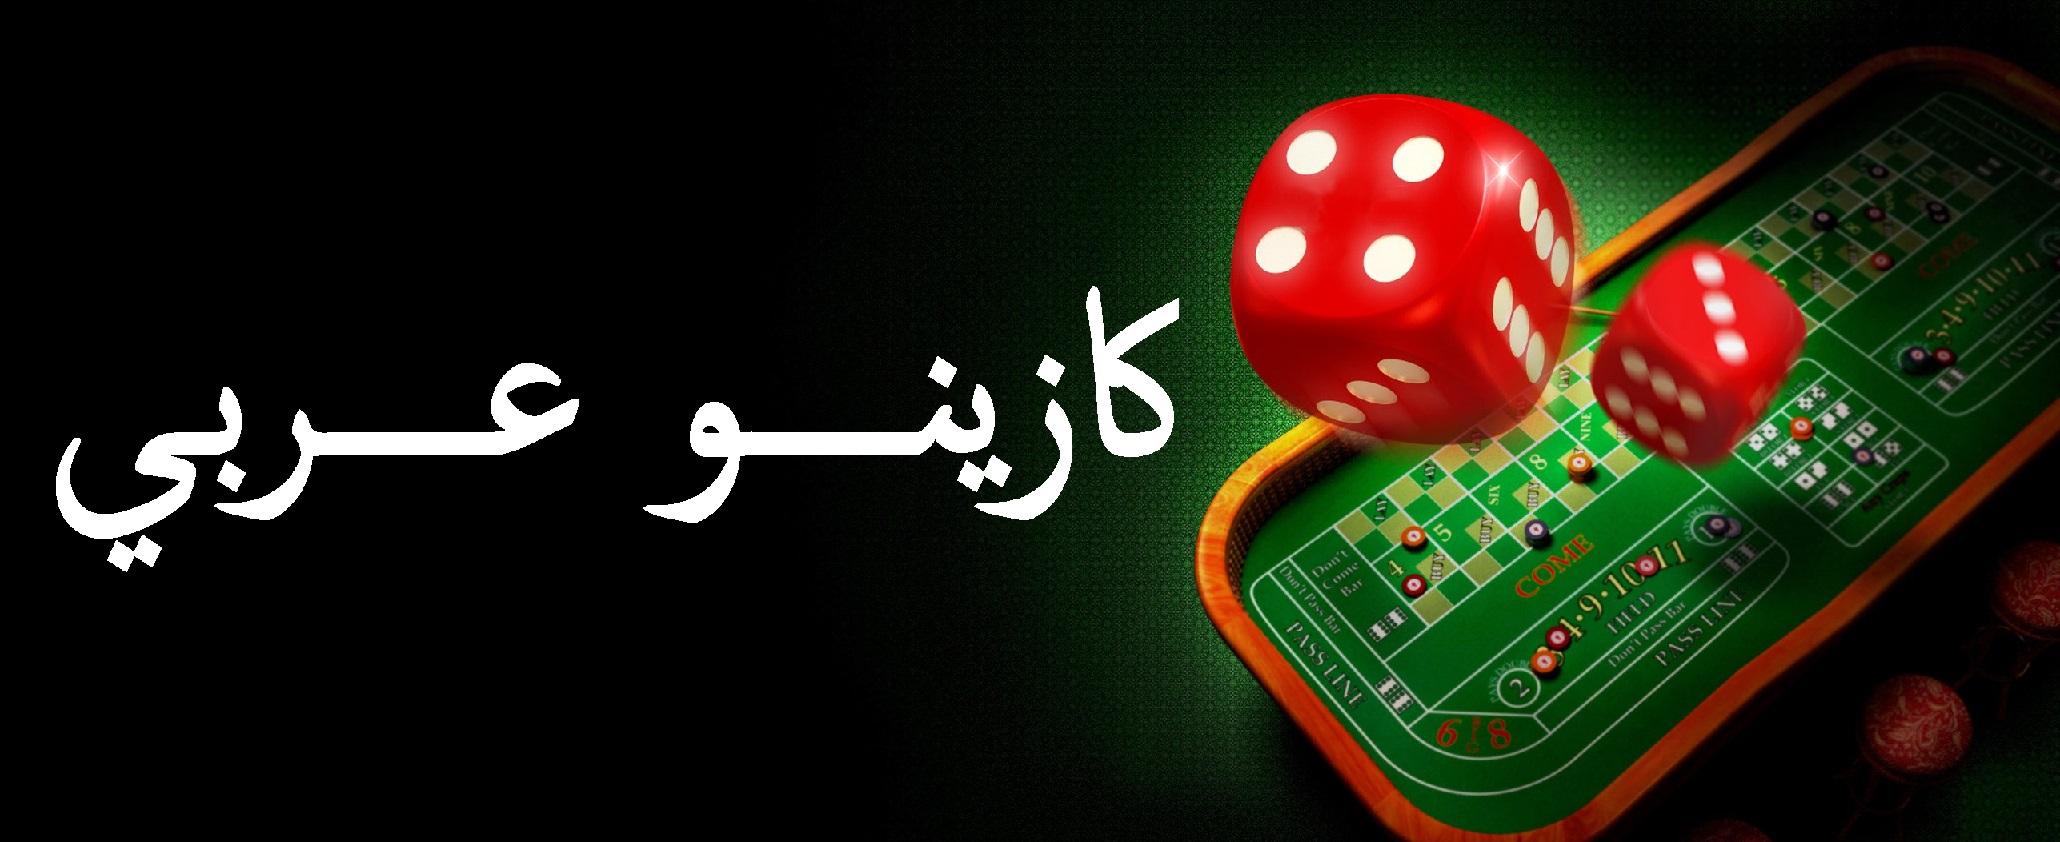 العاب بلاك جاك - 26662